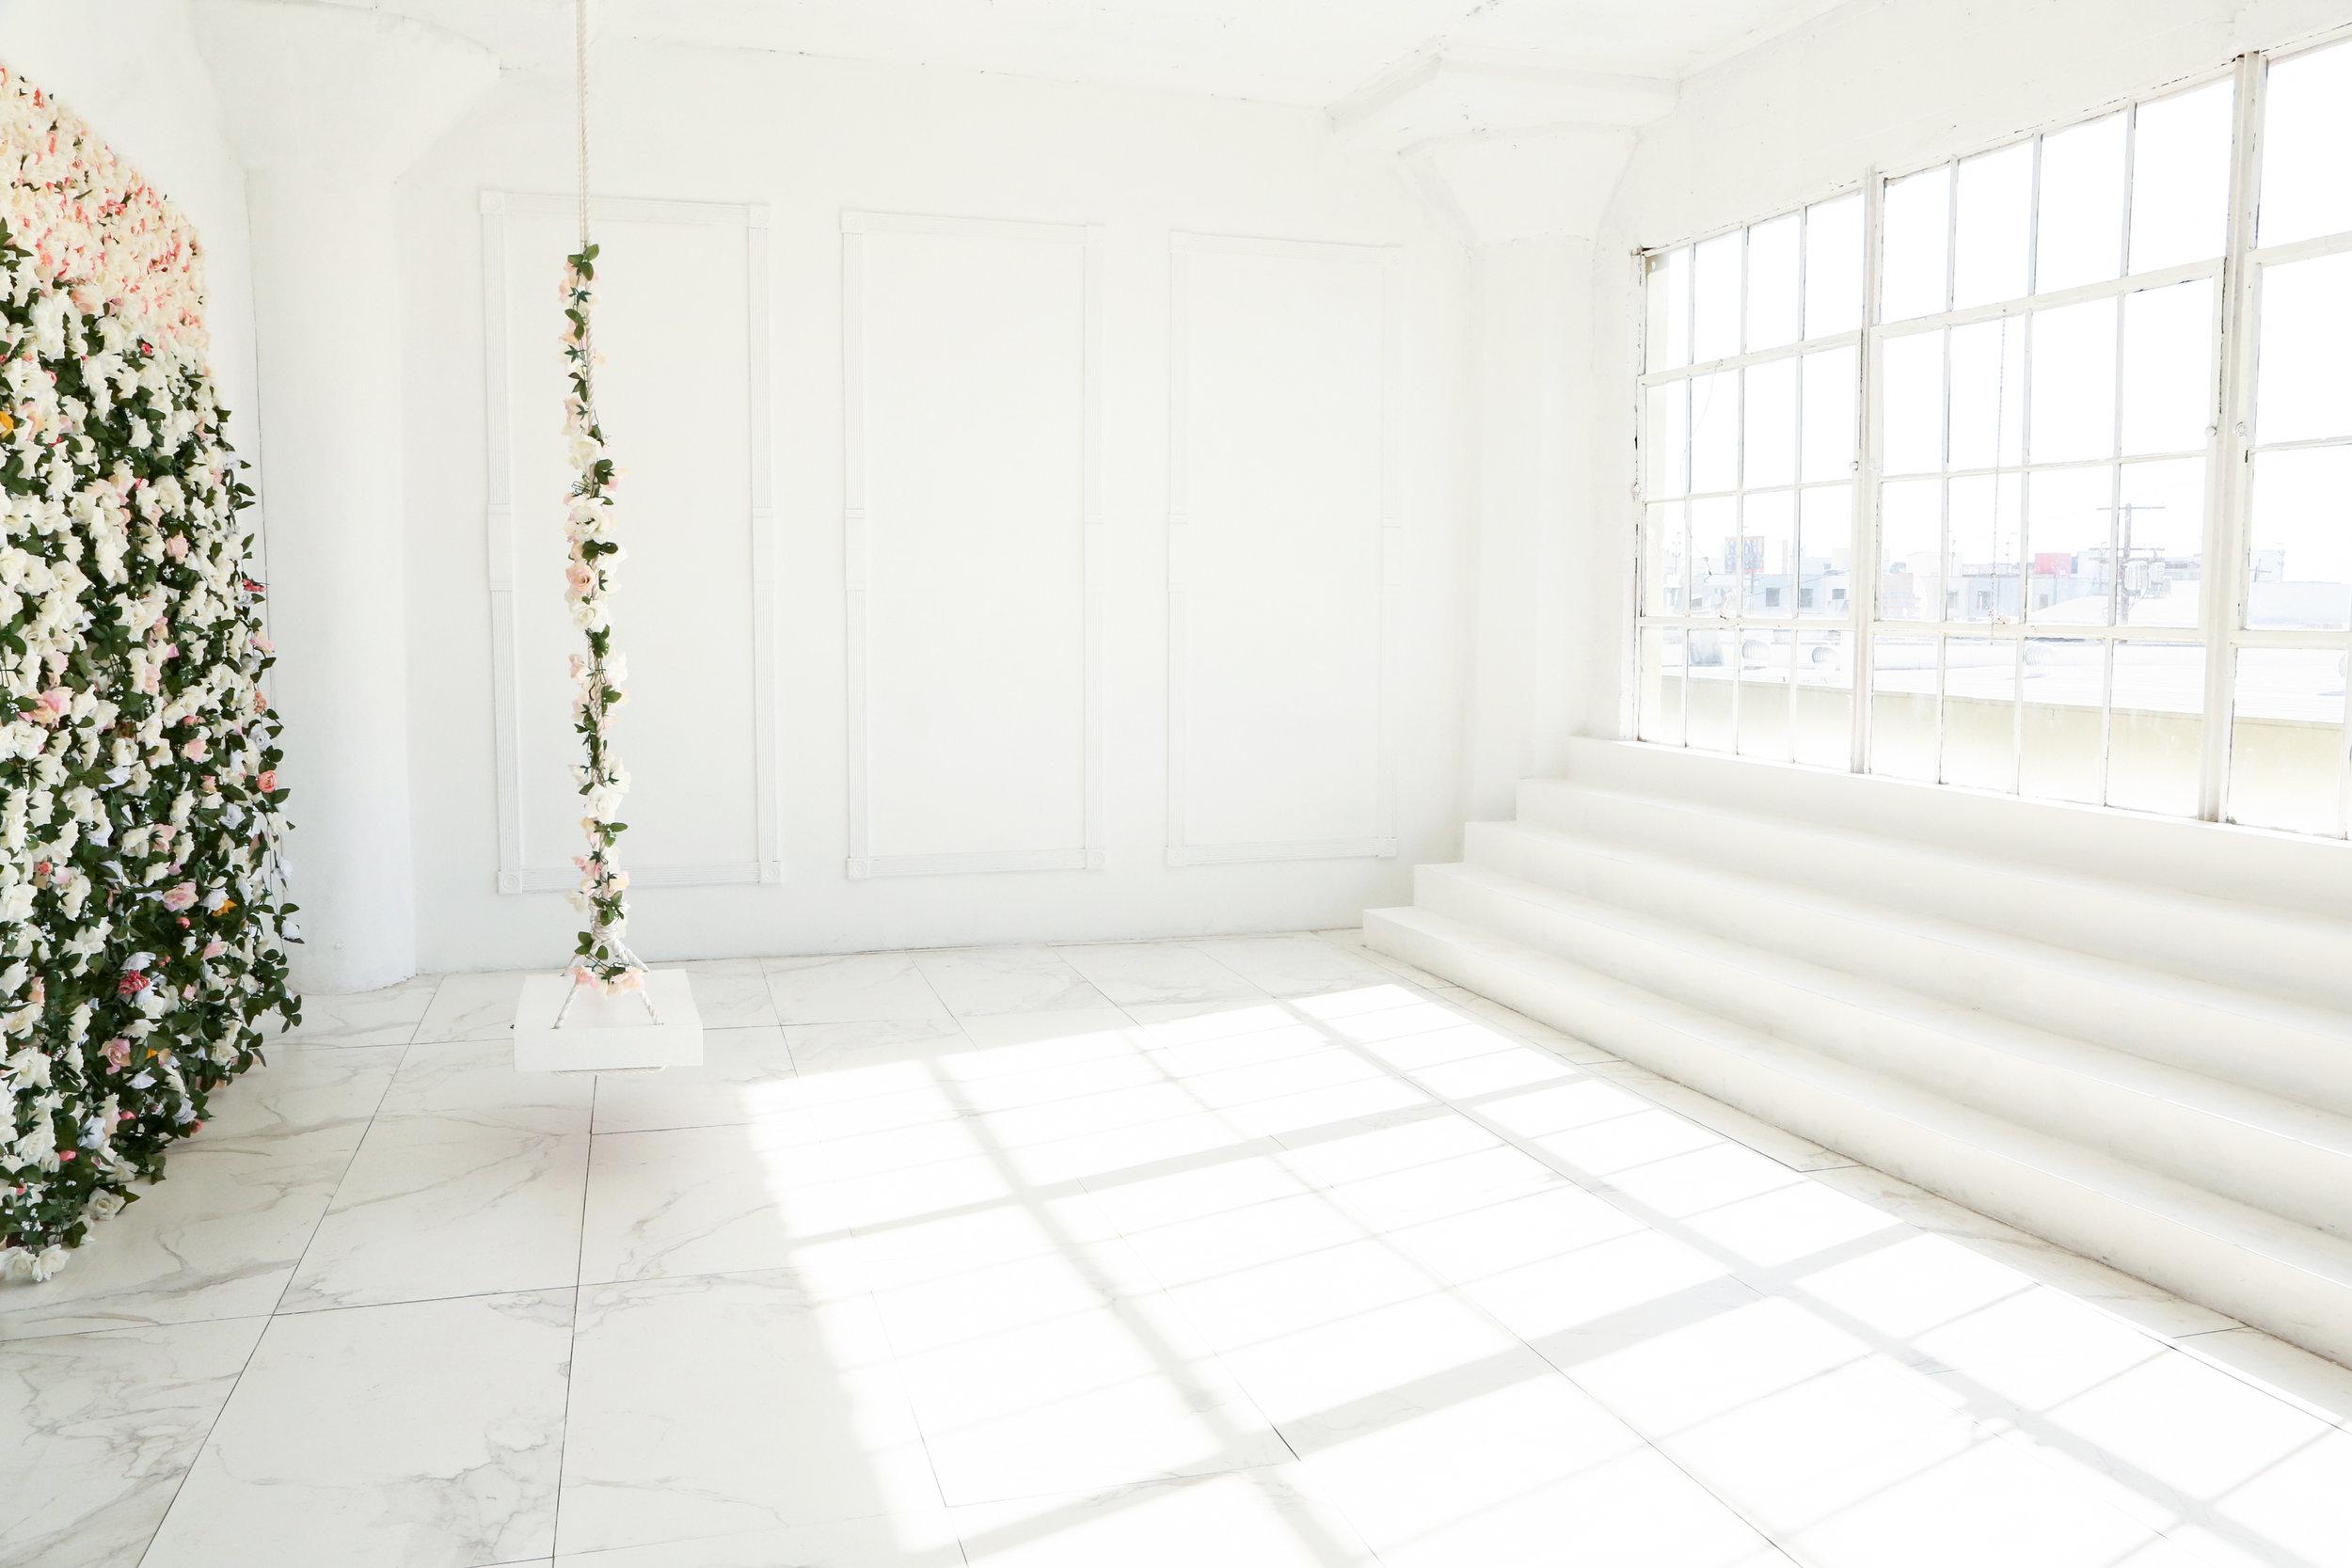 white room 1.jpg